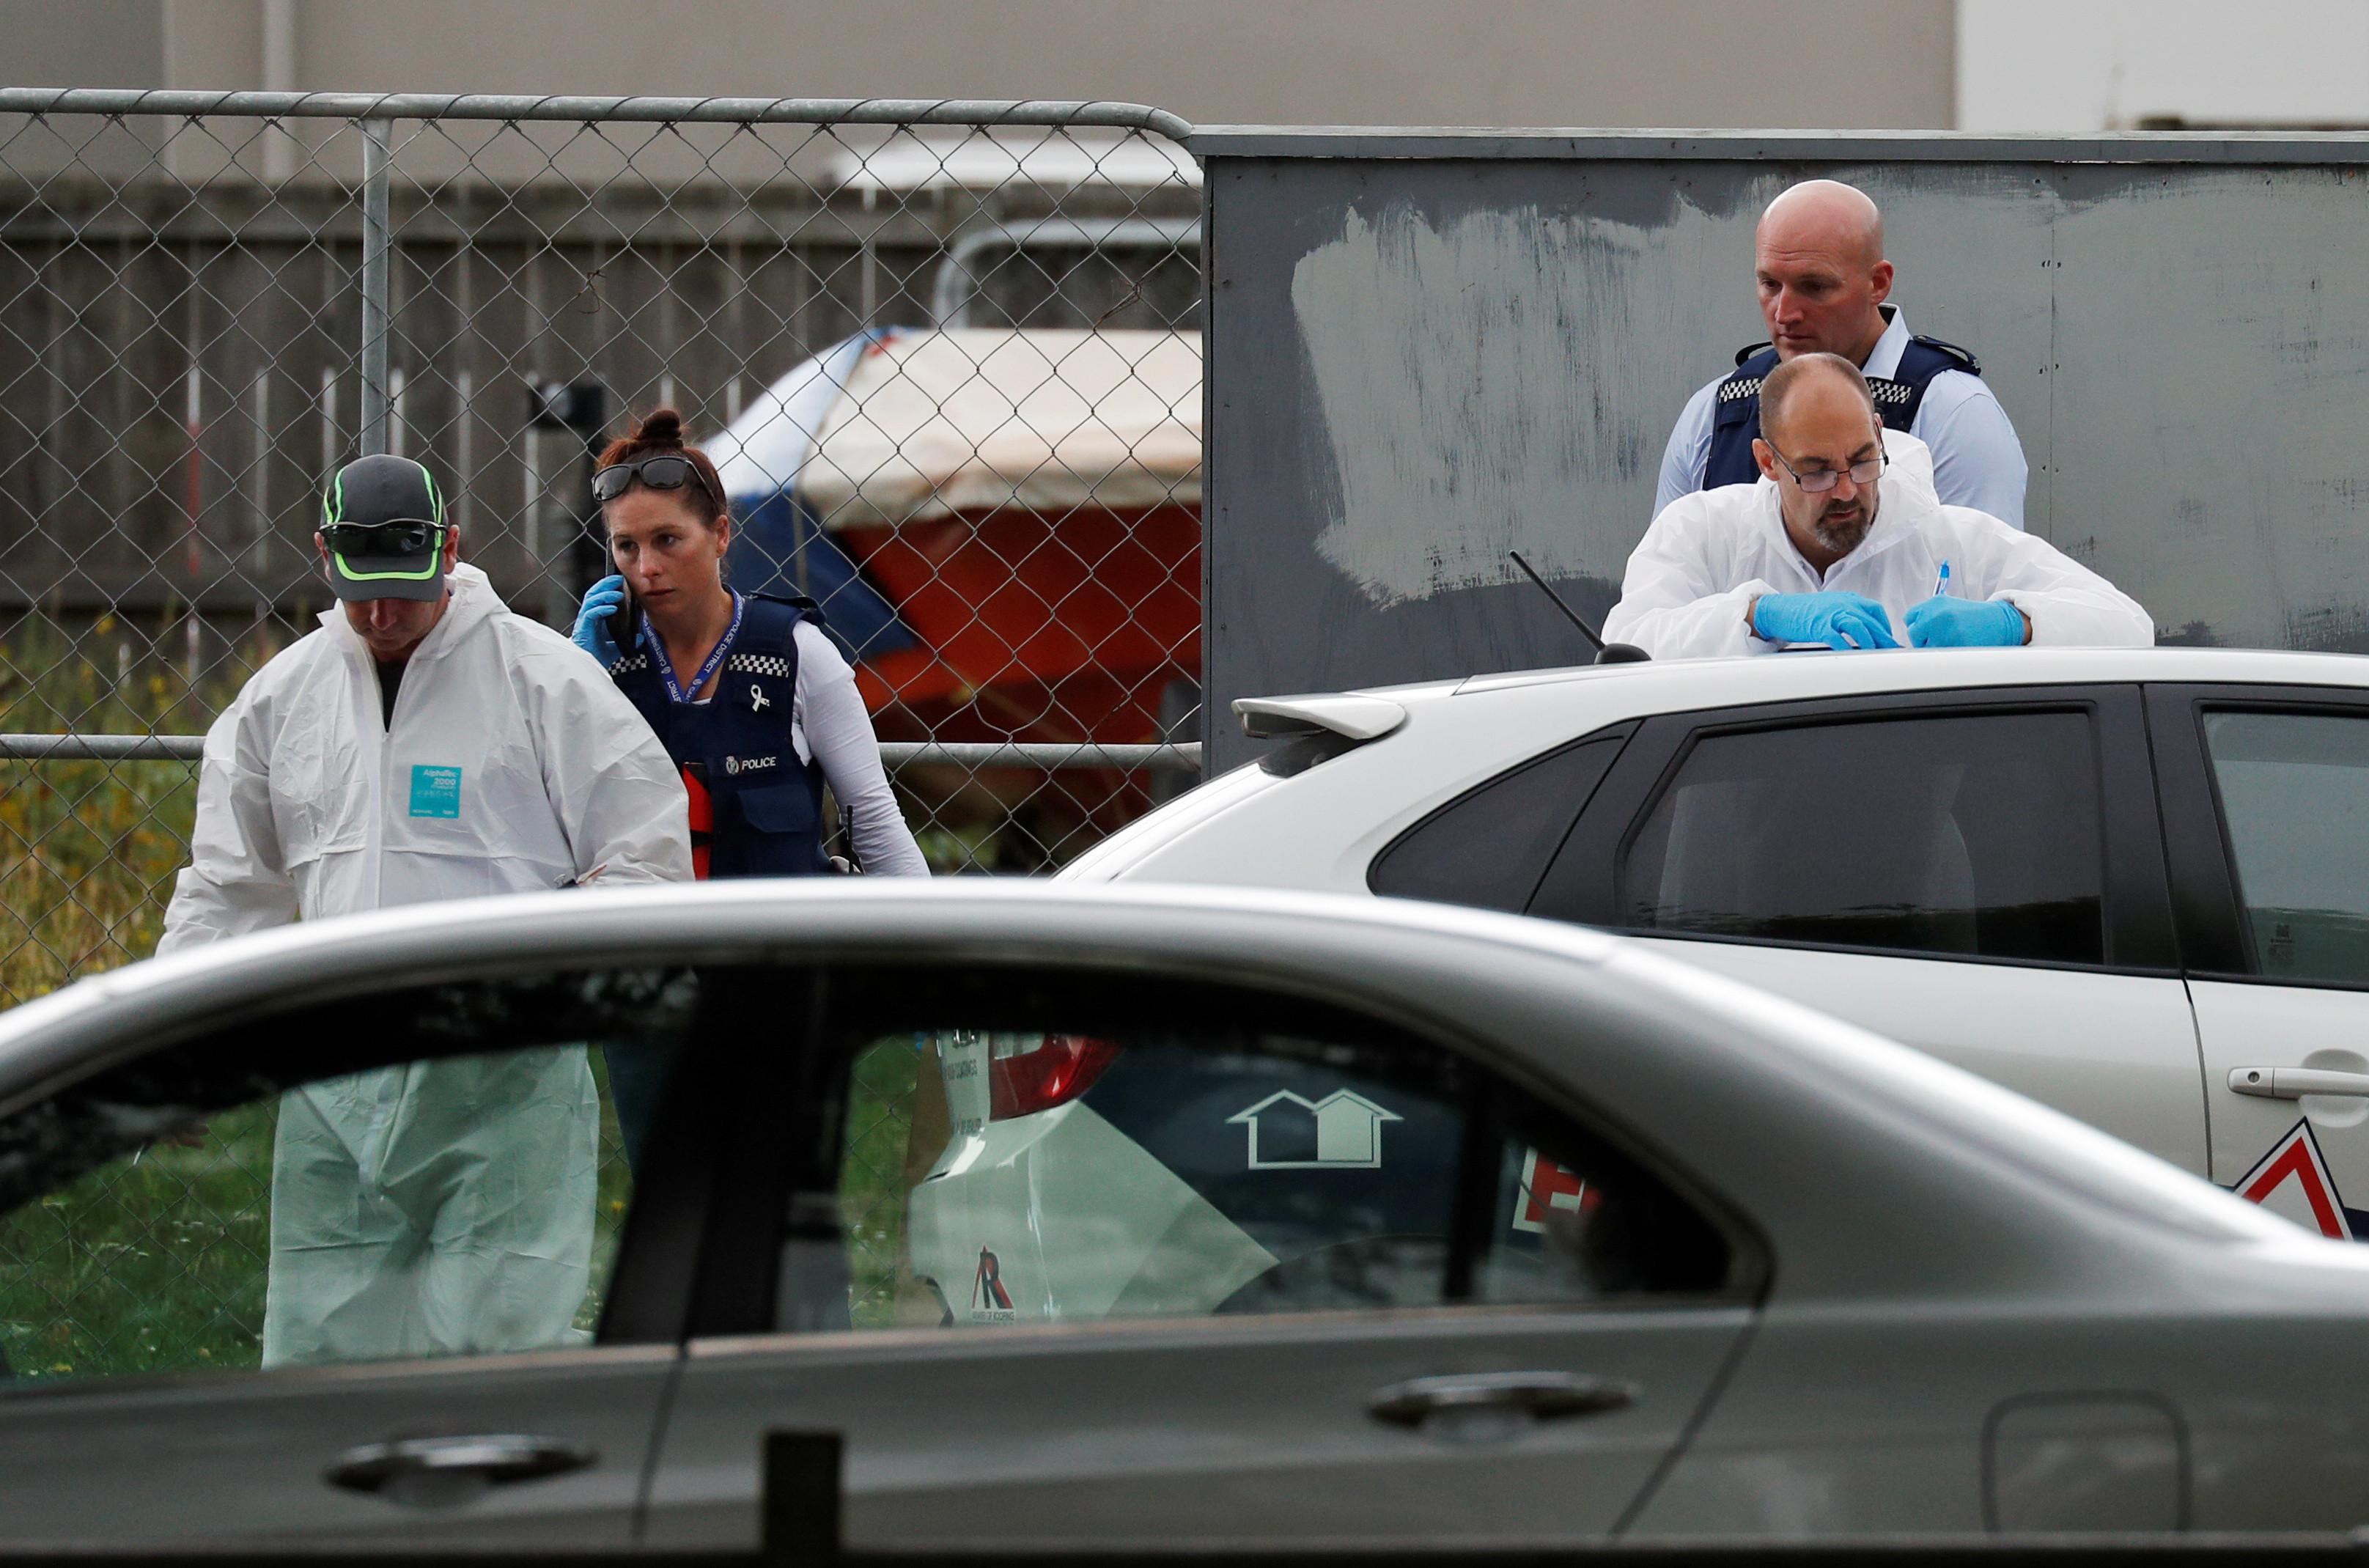 Aeroporto da Nova Zelândia fechado devido a pacote suspeito